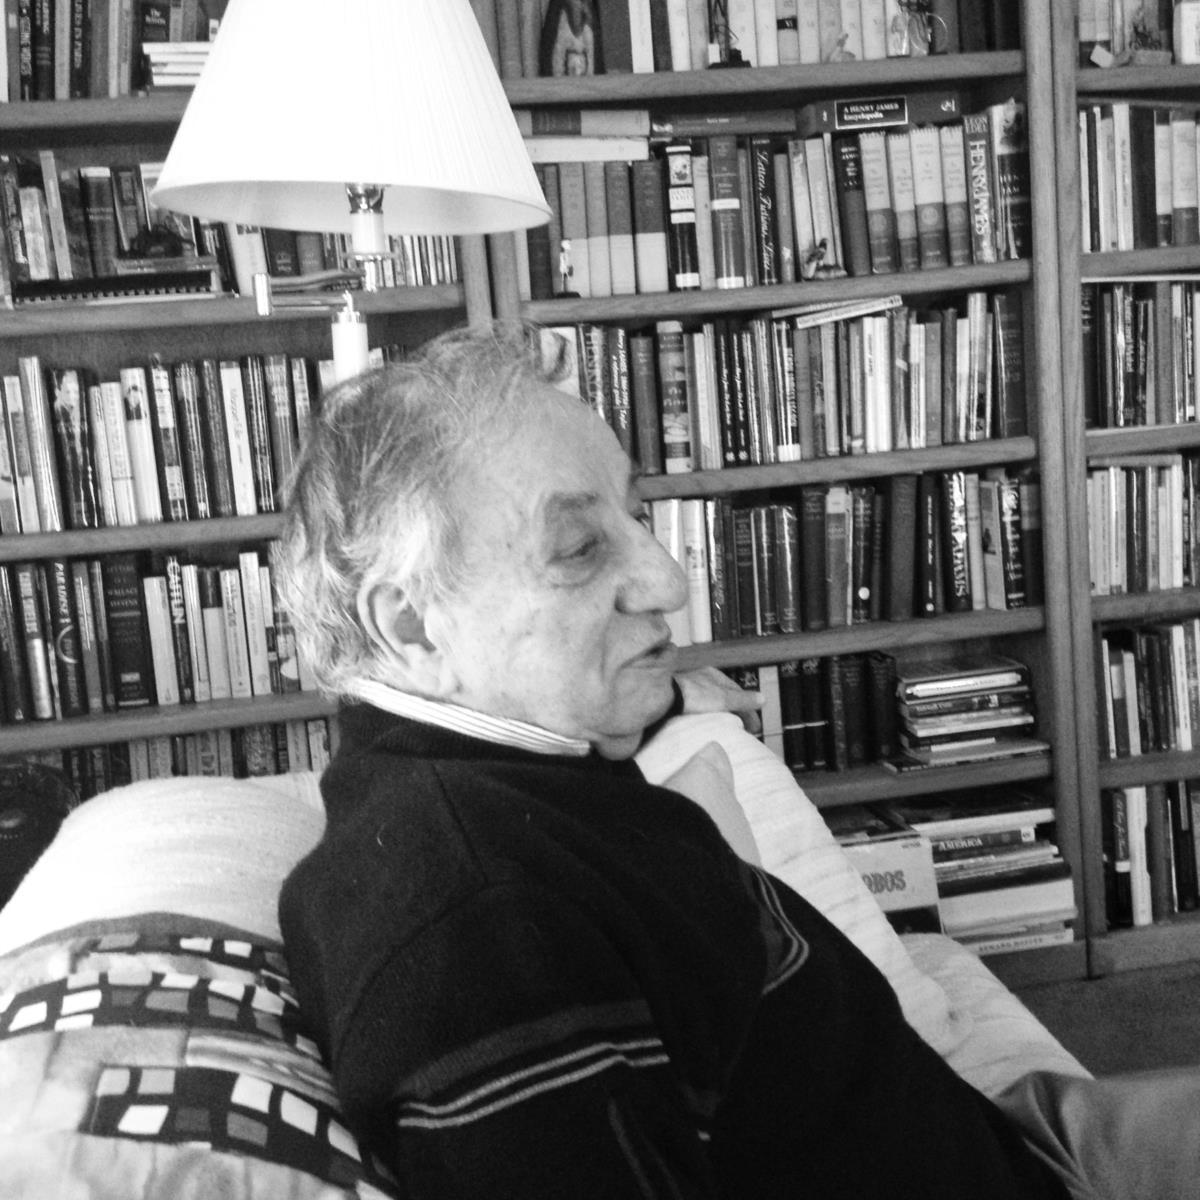 O primeiro livro que o professor George Monteiro deu a ler aos seus alunos foi Moby Dick